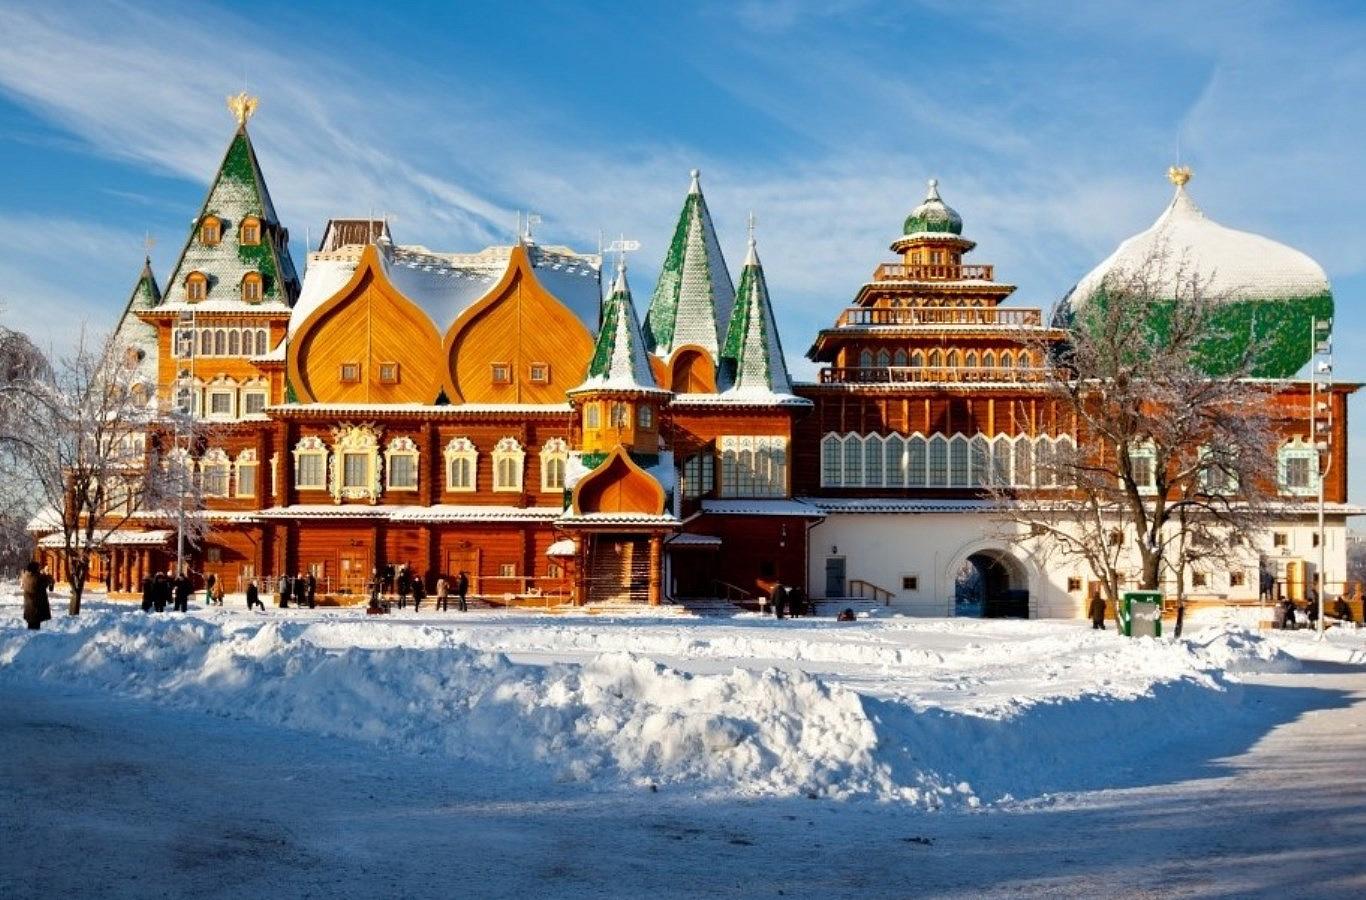 места зимой Куда пойти в Москве зимой? 5171774c1cc917eb8dc6ecd17b6a6adc